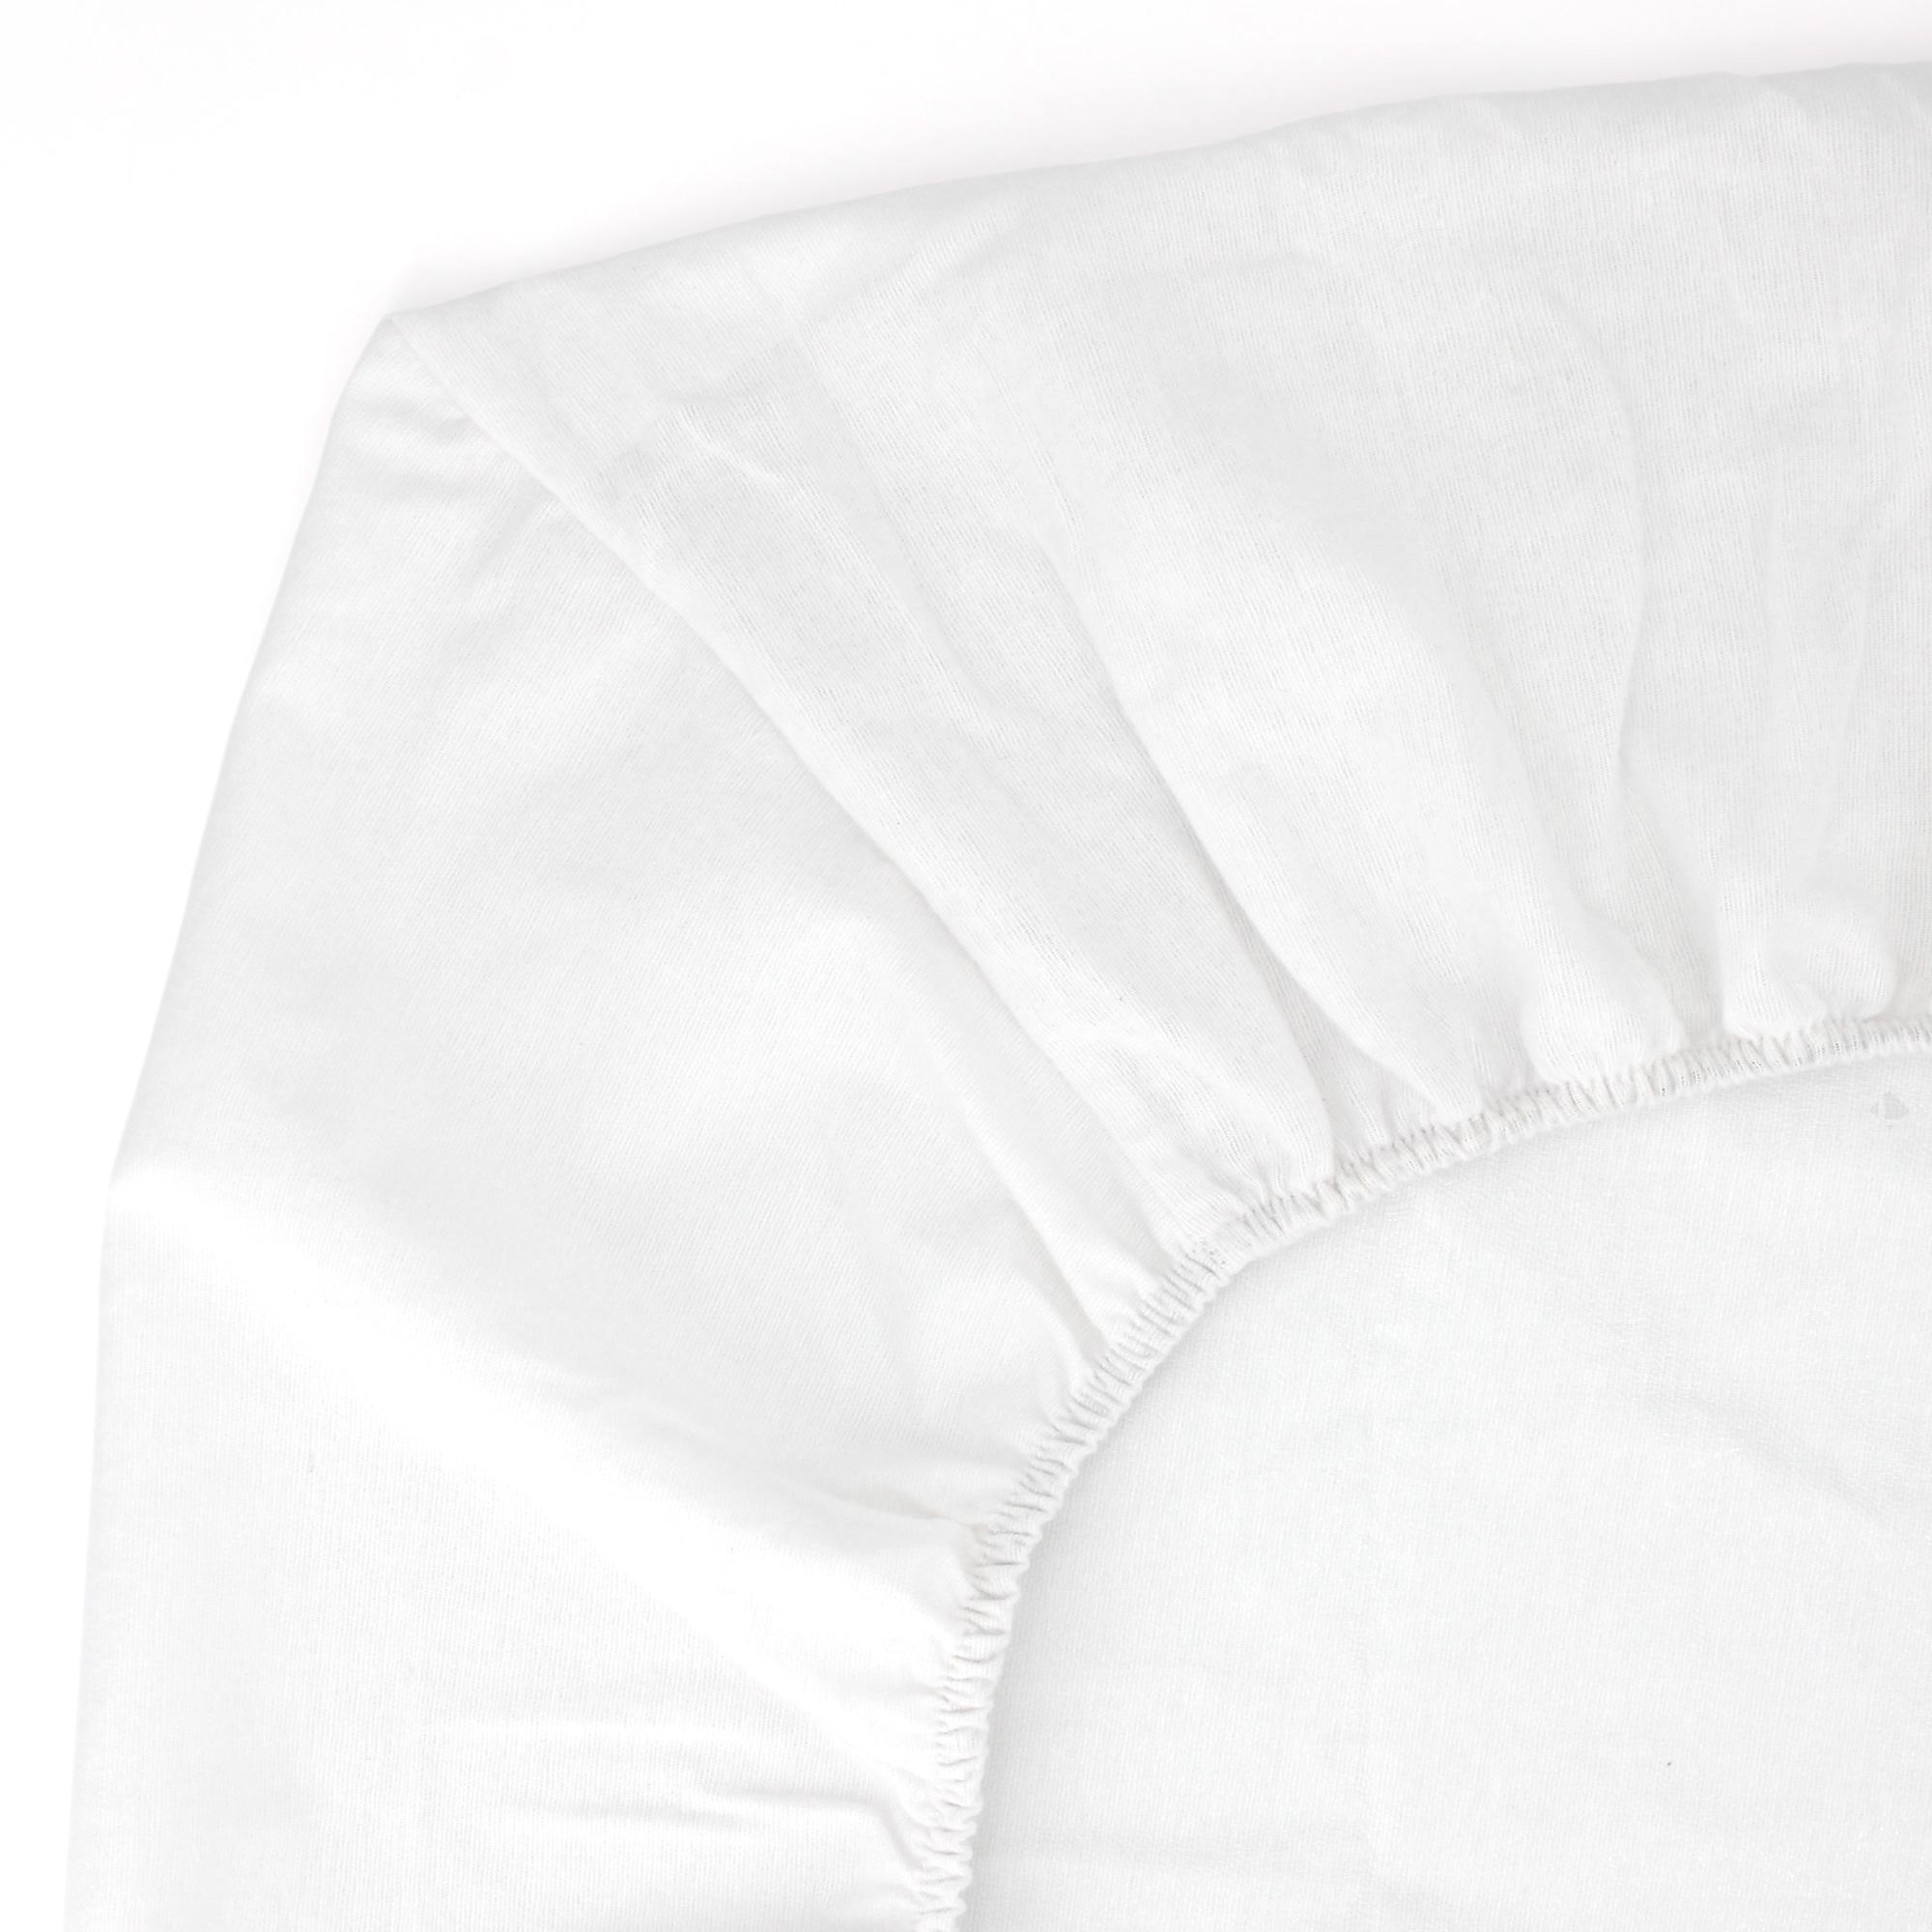 prot ge matelas imperm able 150x190 cm bonnet 30cm arnon molleton 100 coton contrecoll. Black Bedroom Furniture Sets. Home Design Ideas